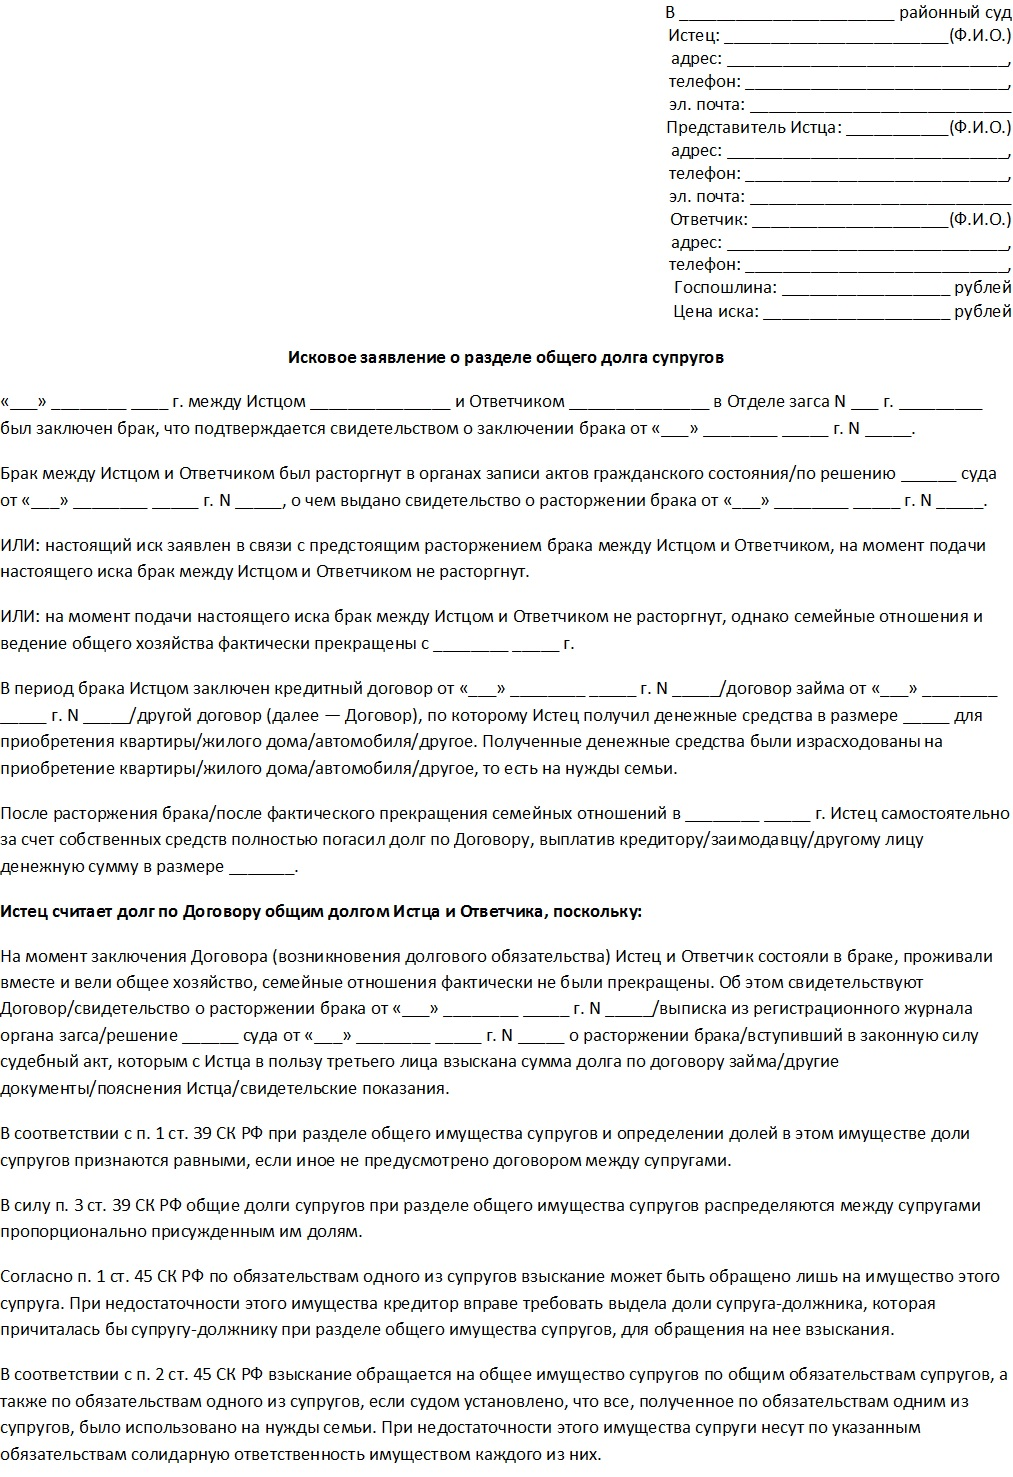 Нюансы составления искового заявления о расторжении брака и разделе имущества (образец)